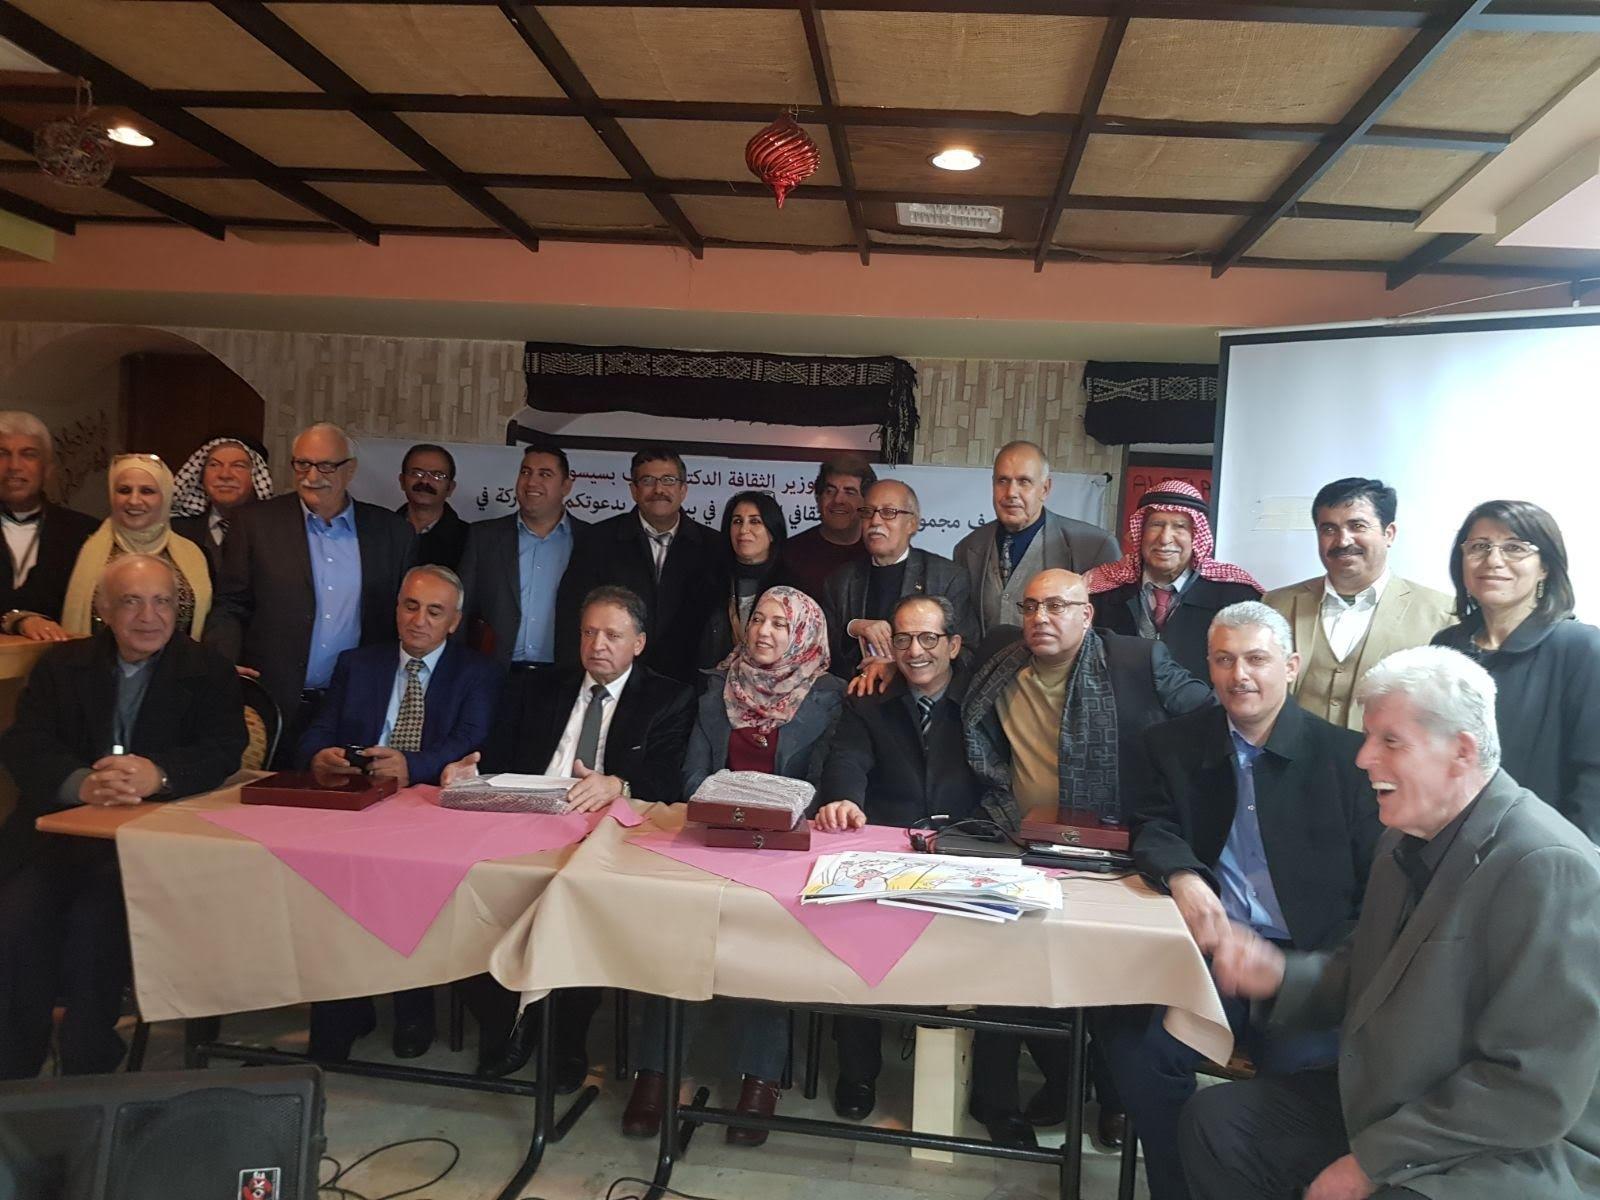 تكريم الشاعر مفلح طبعوني .. في بيت لحم عاصمة الثقافة الفلسطينية للعام 2020